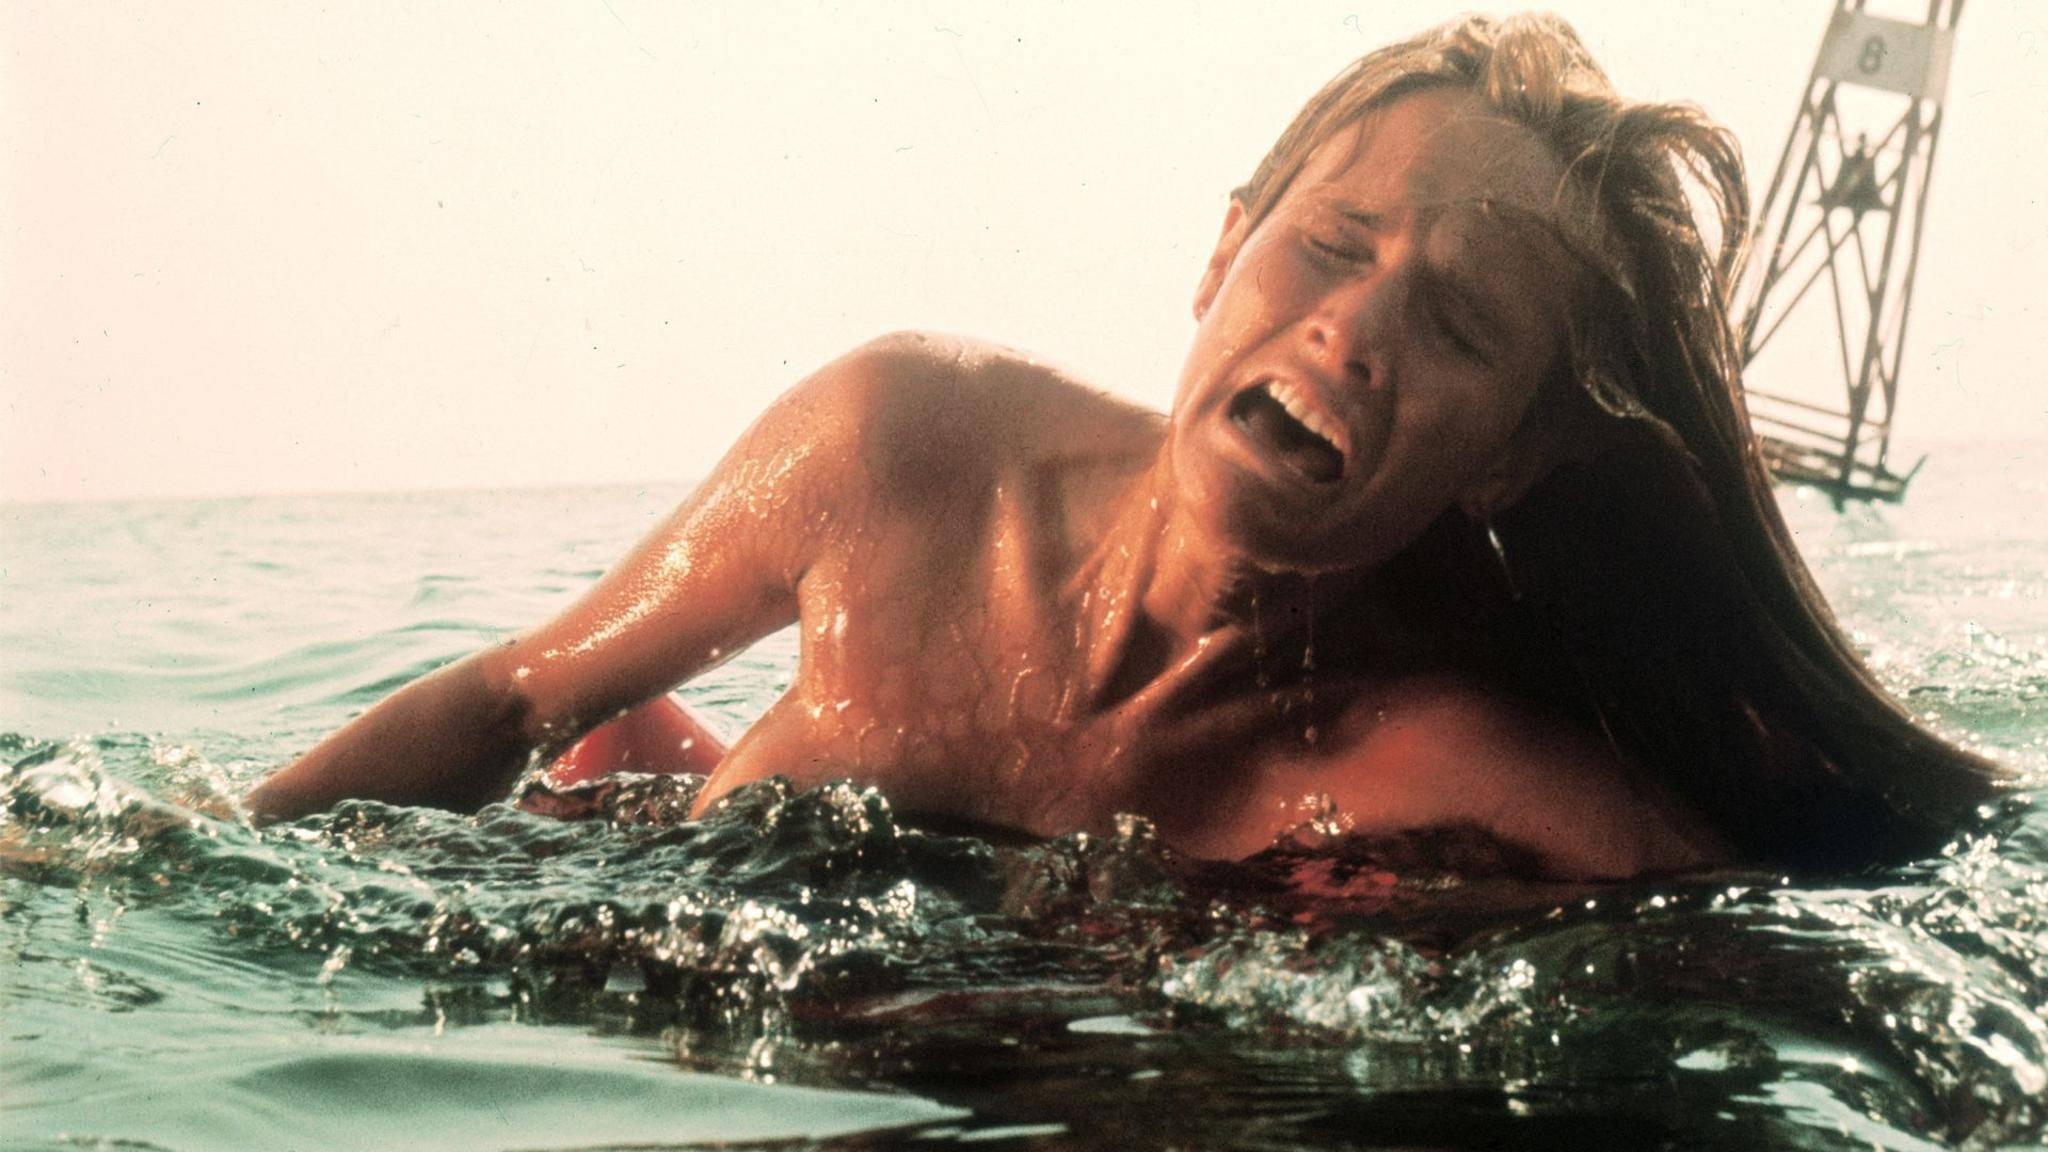 Dieser Film hat mehr für das schlechte Image von Haien getan als jeder tatsächliche Hai-Angriff.